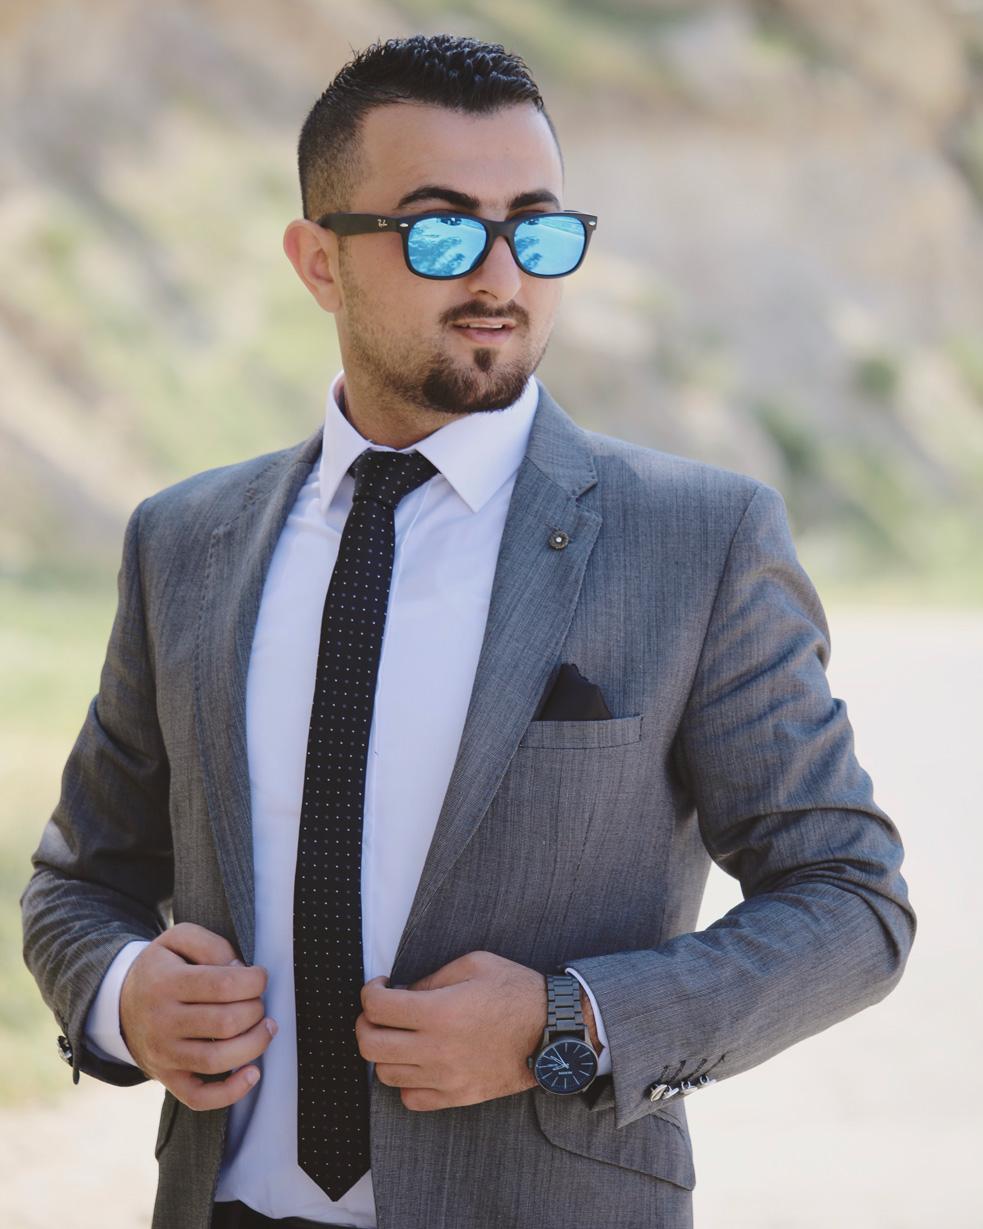 Moudy Al-Omari